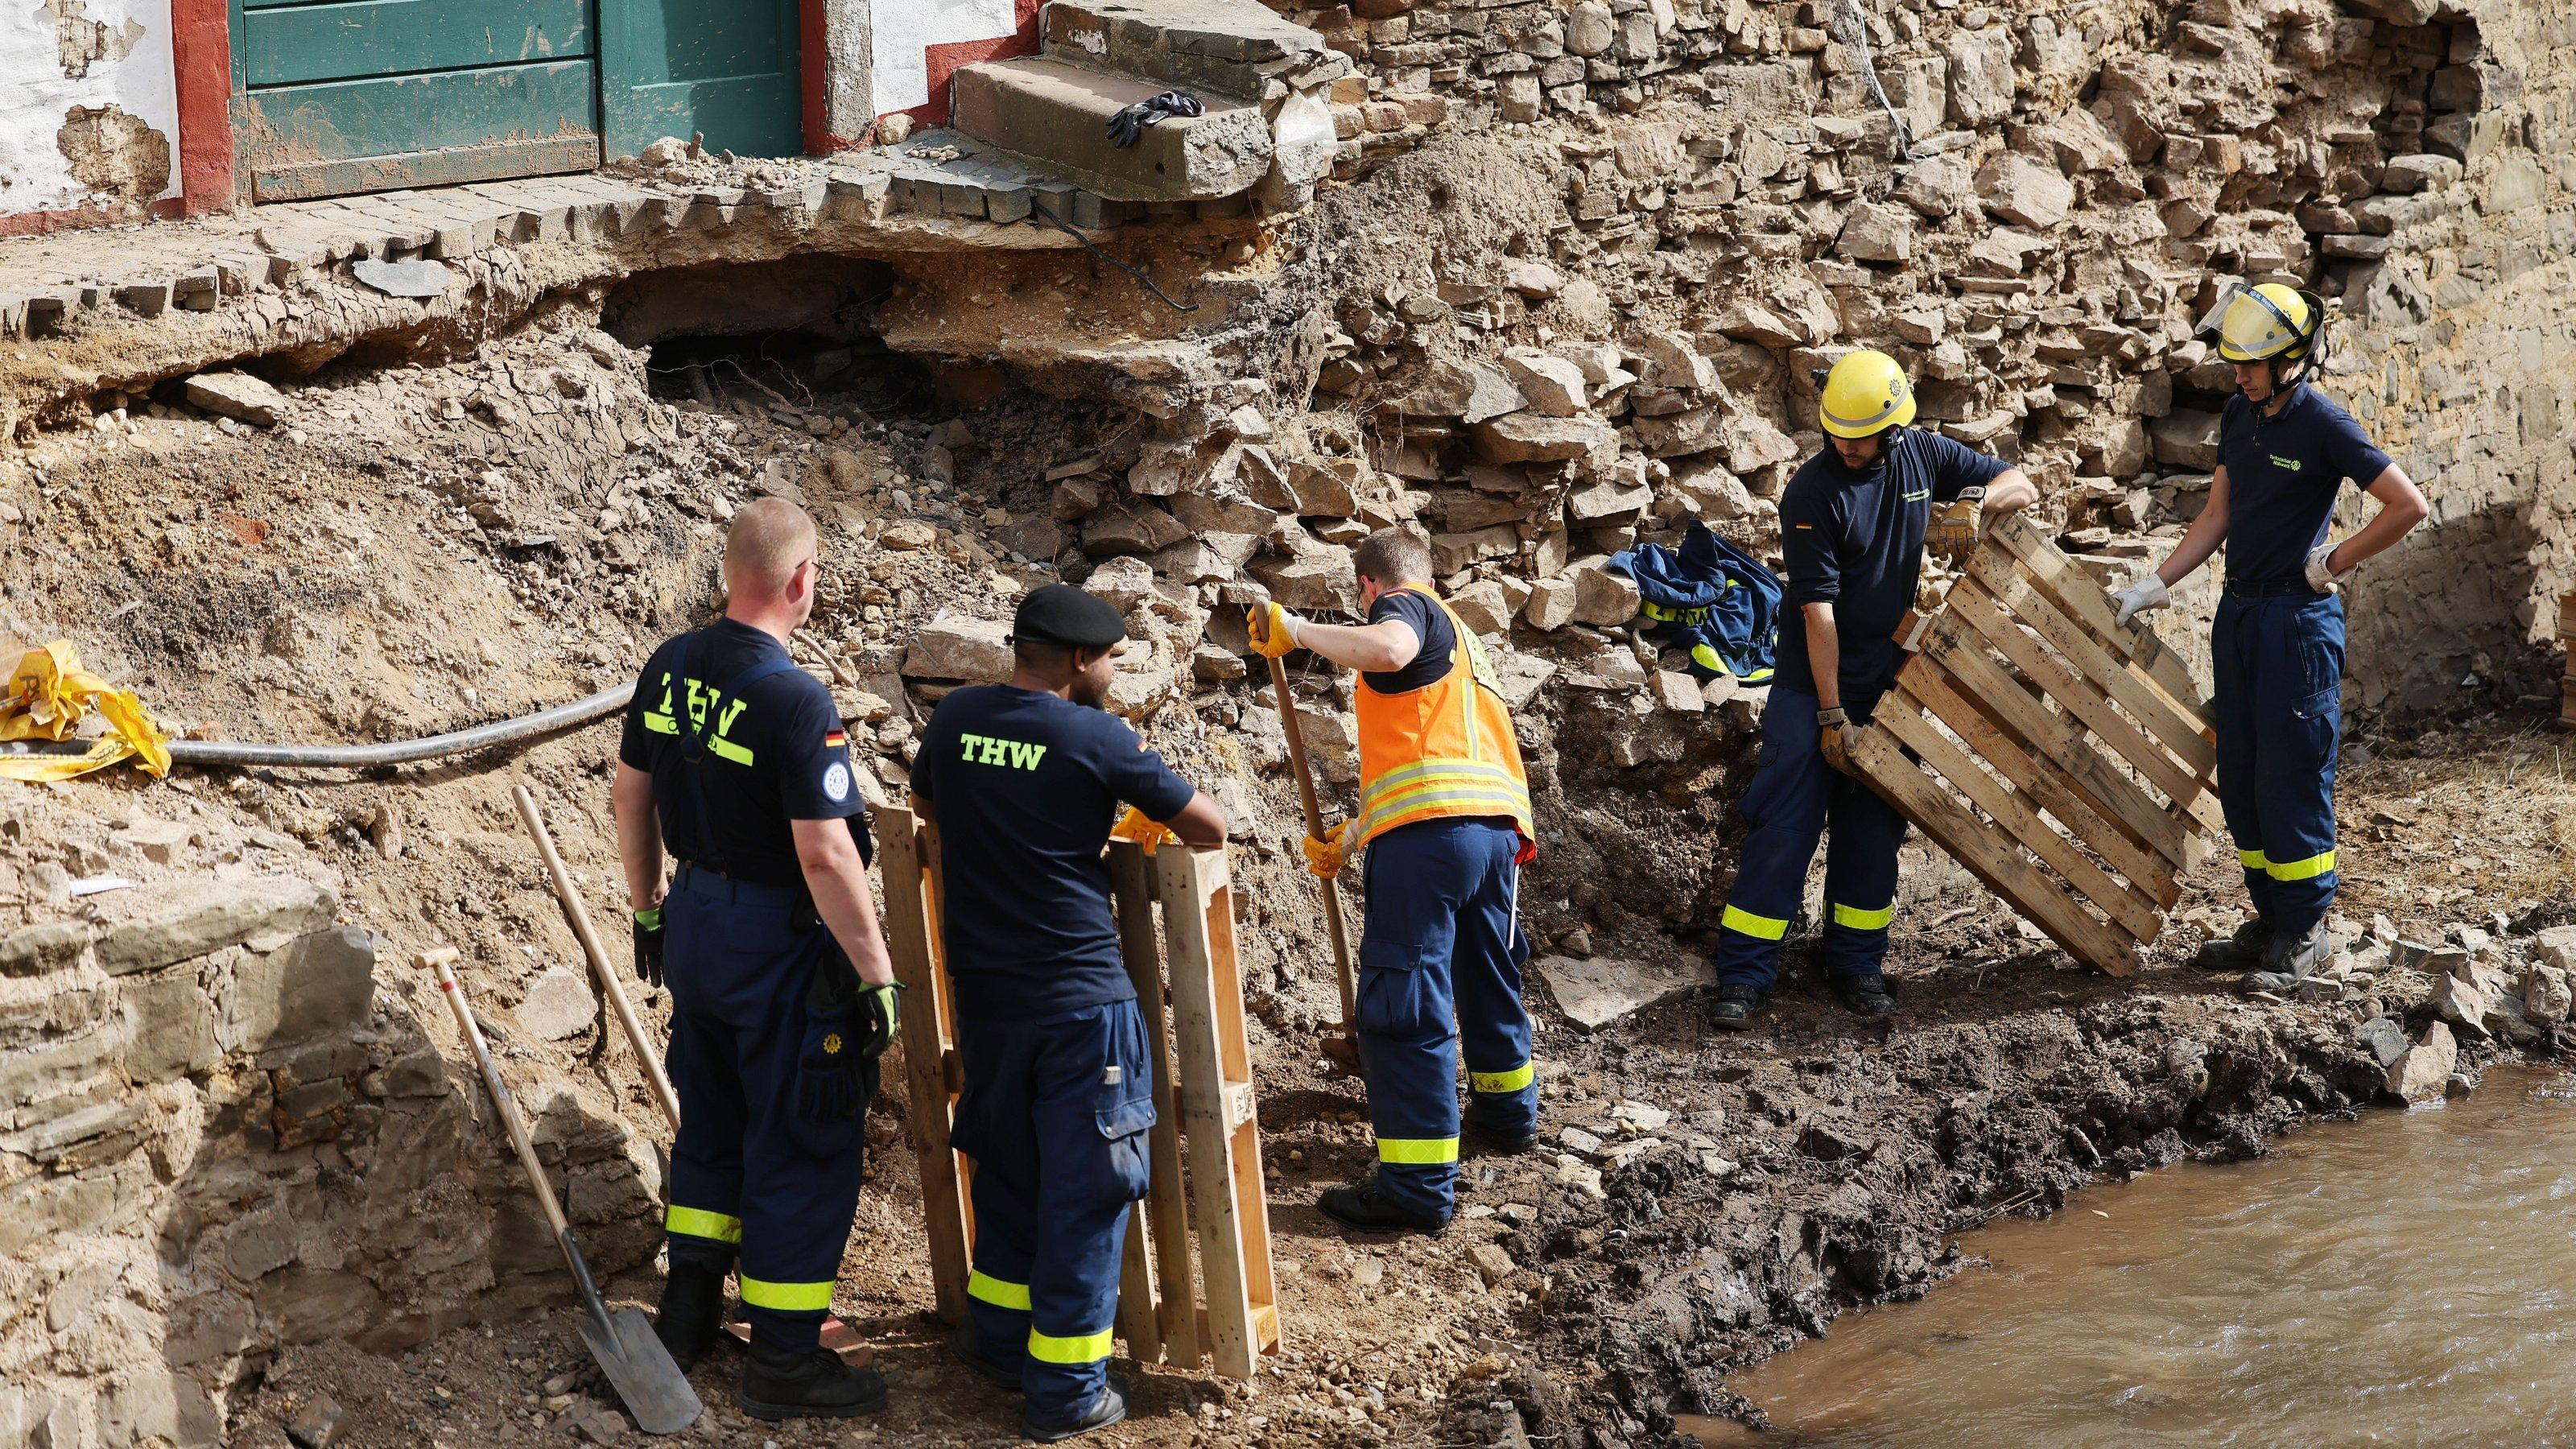 Helfer des THW arbeiten an der Absicherung eines Gebäudes an der Erft. Das Hochwasser hat erhebliche Schäden in der Eifel angerichtet.